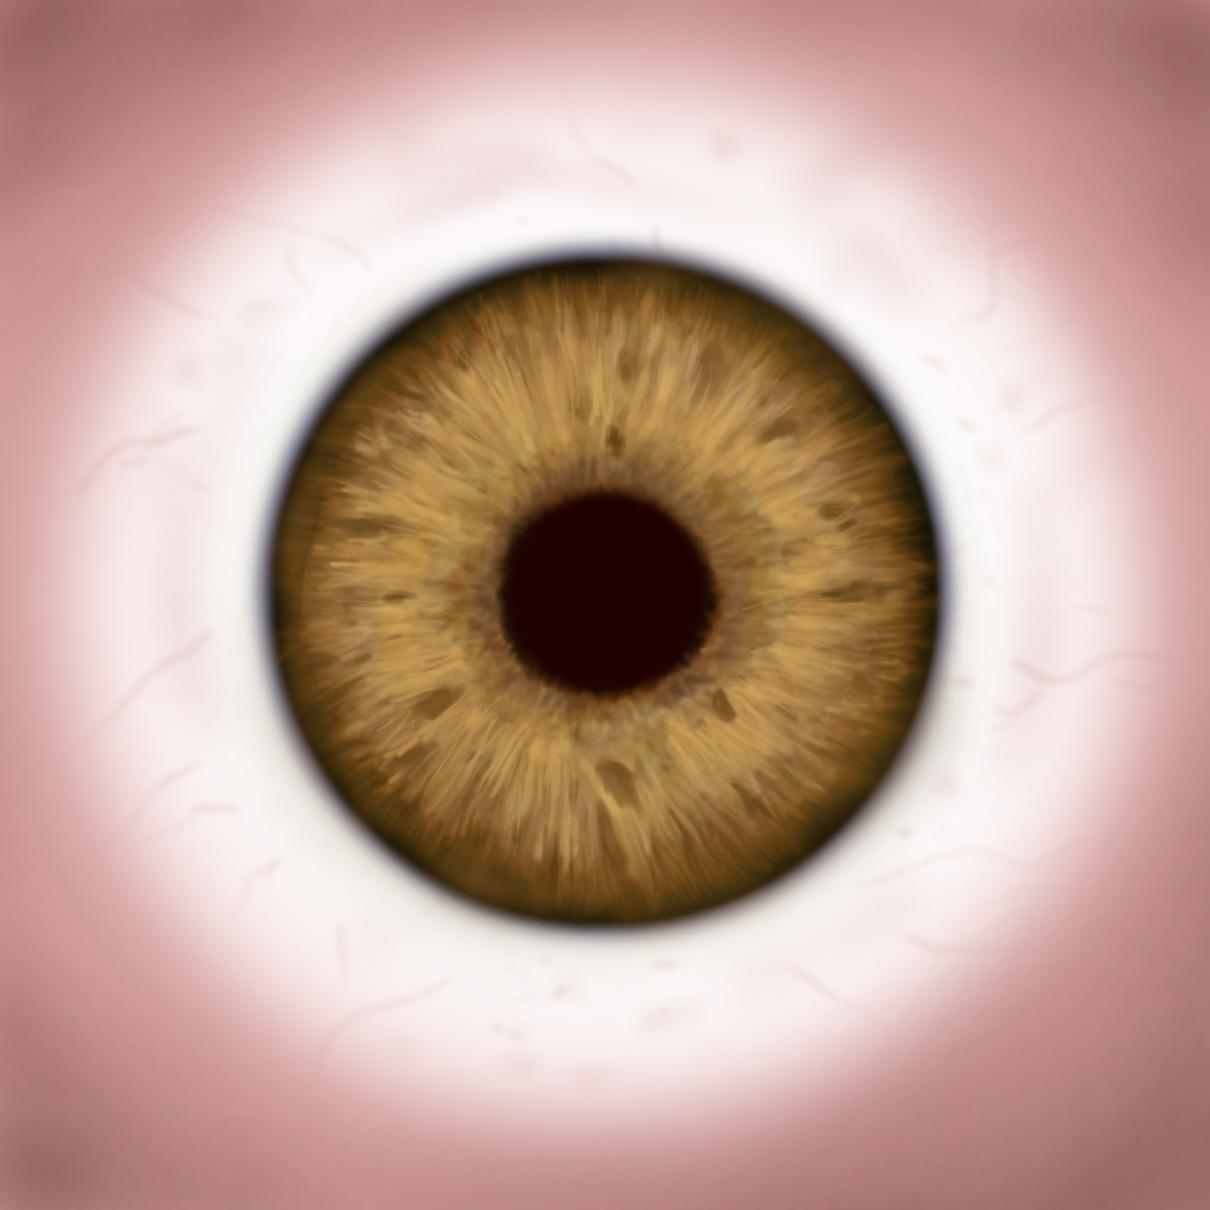 human-eye-texture-005 | RockThe3D